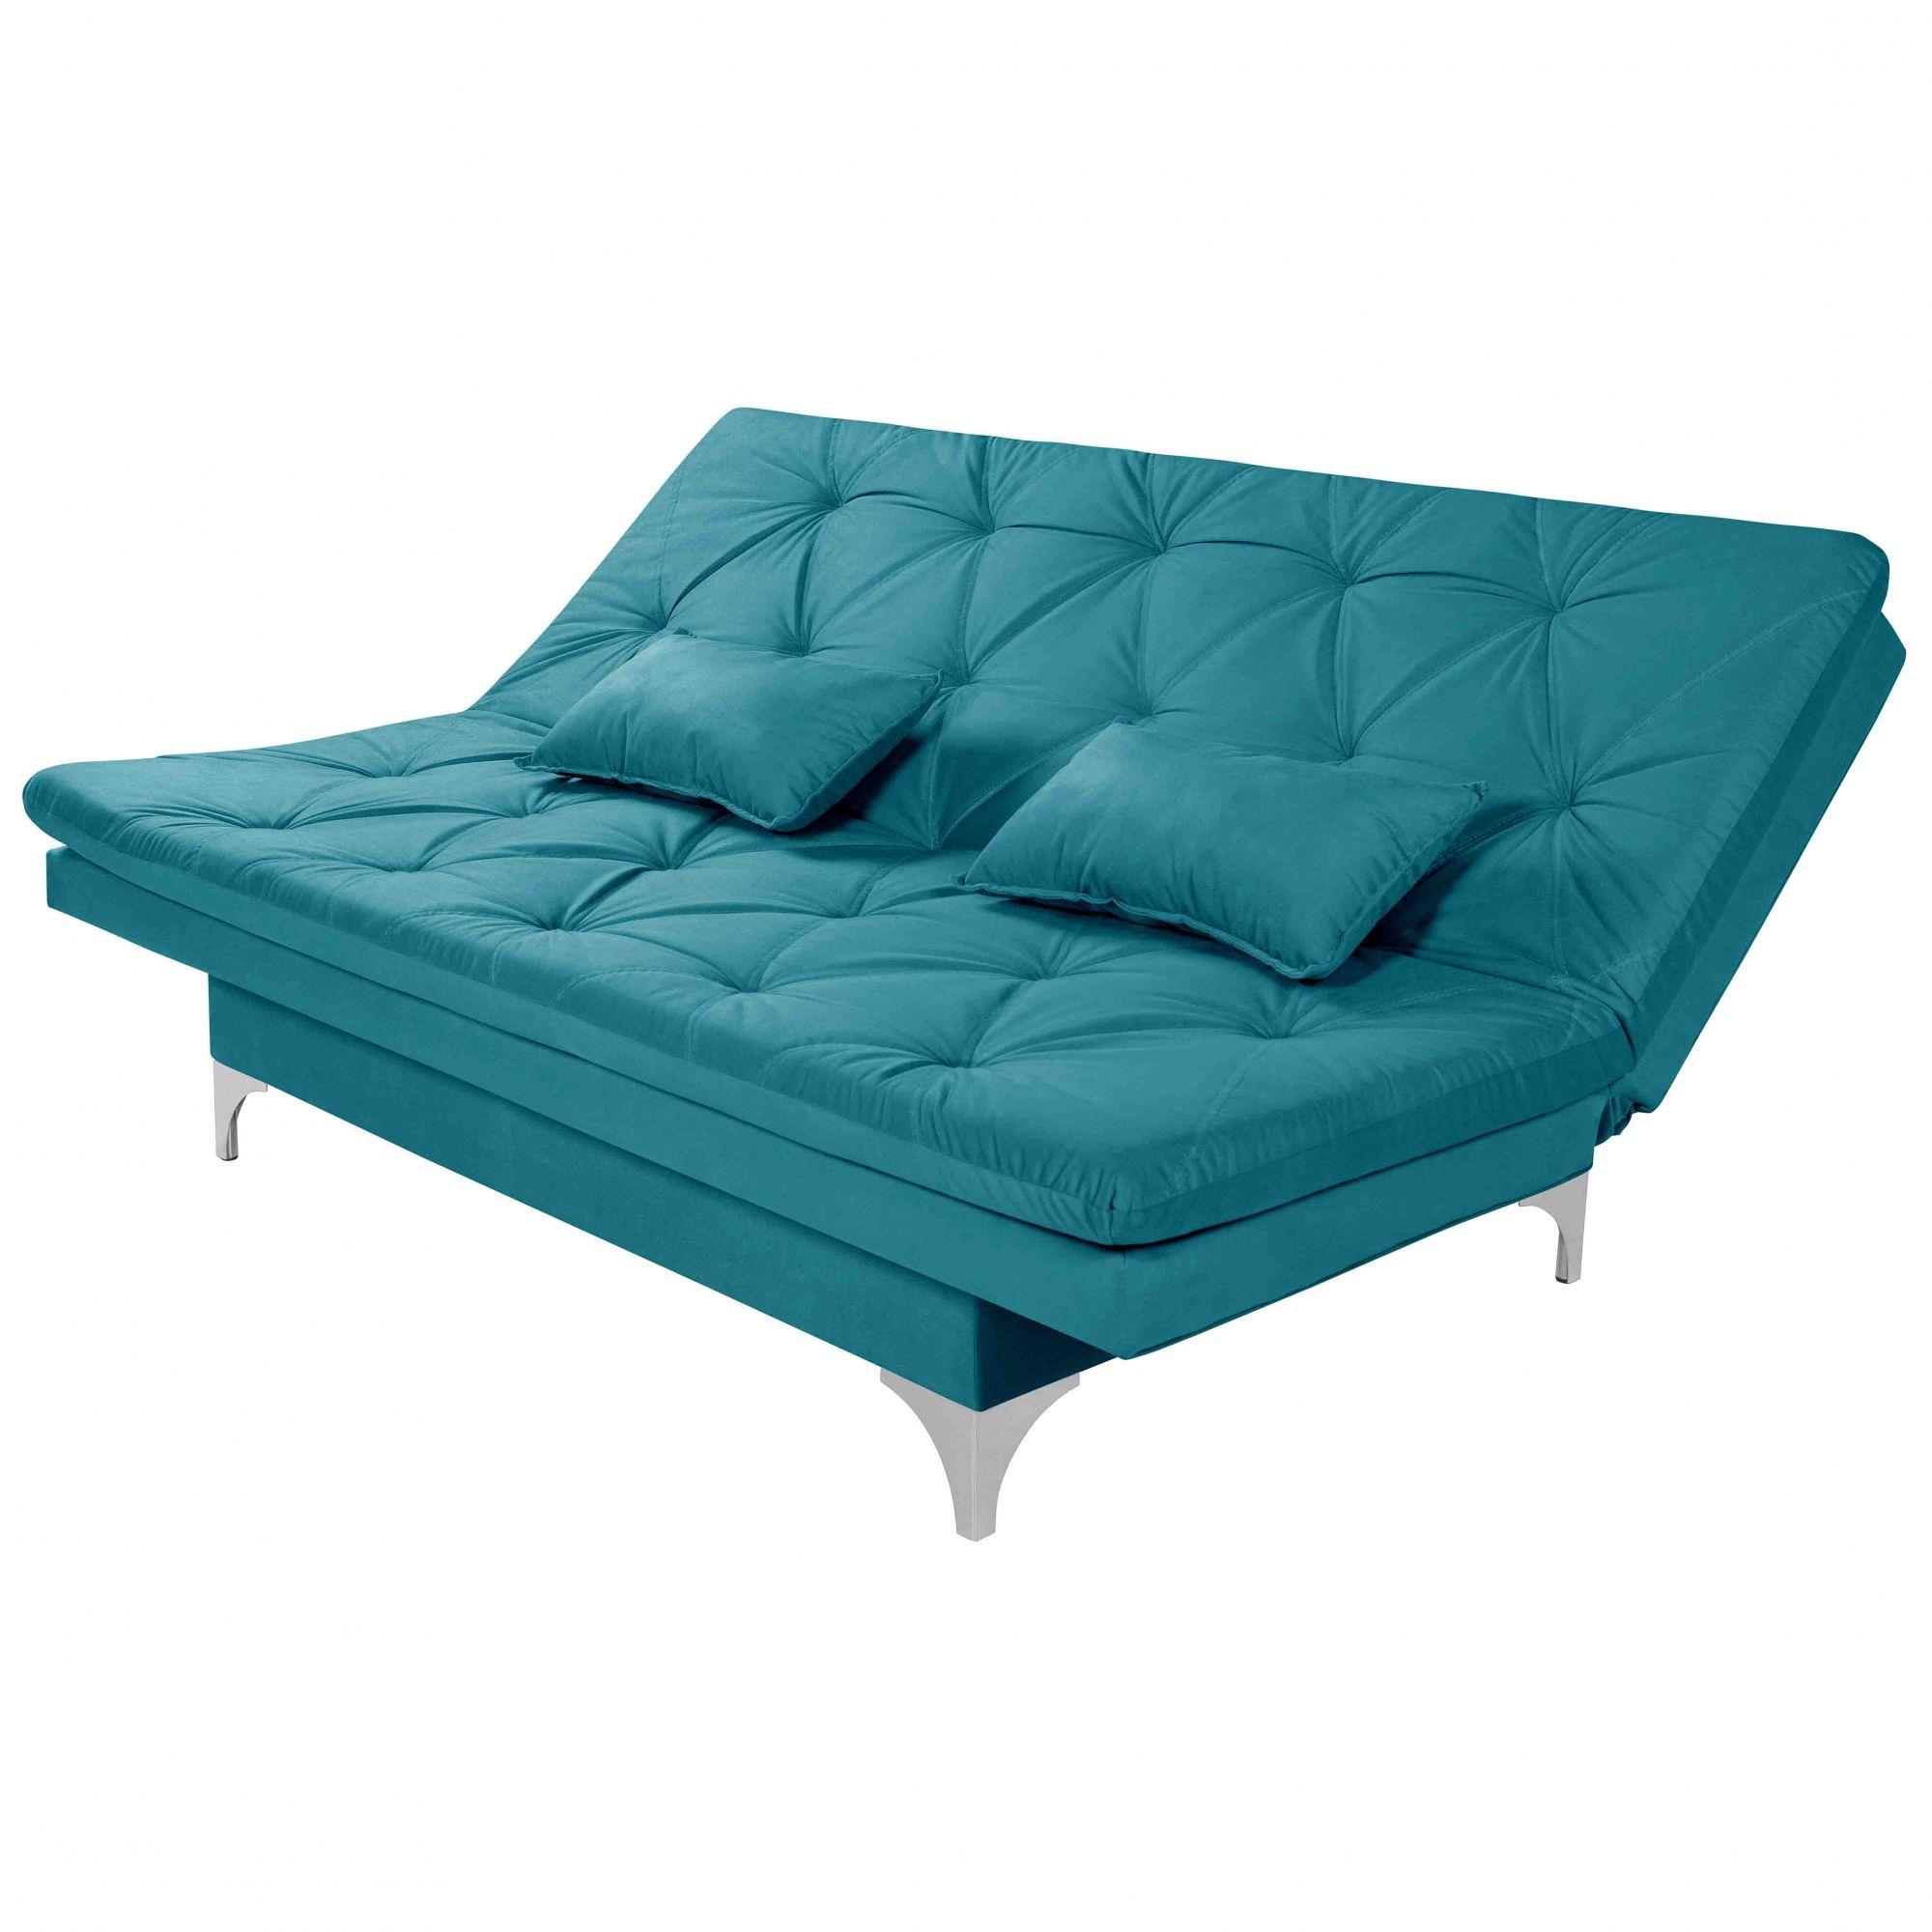 Sofá Cama 3 Lugares Reclinável Estofado Azul Turquesa